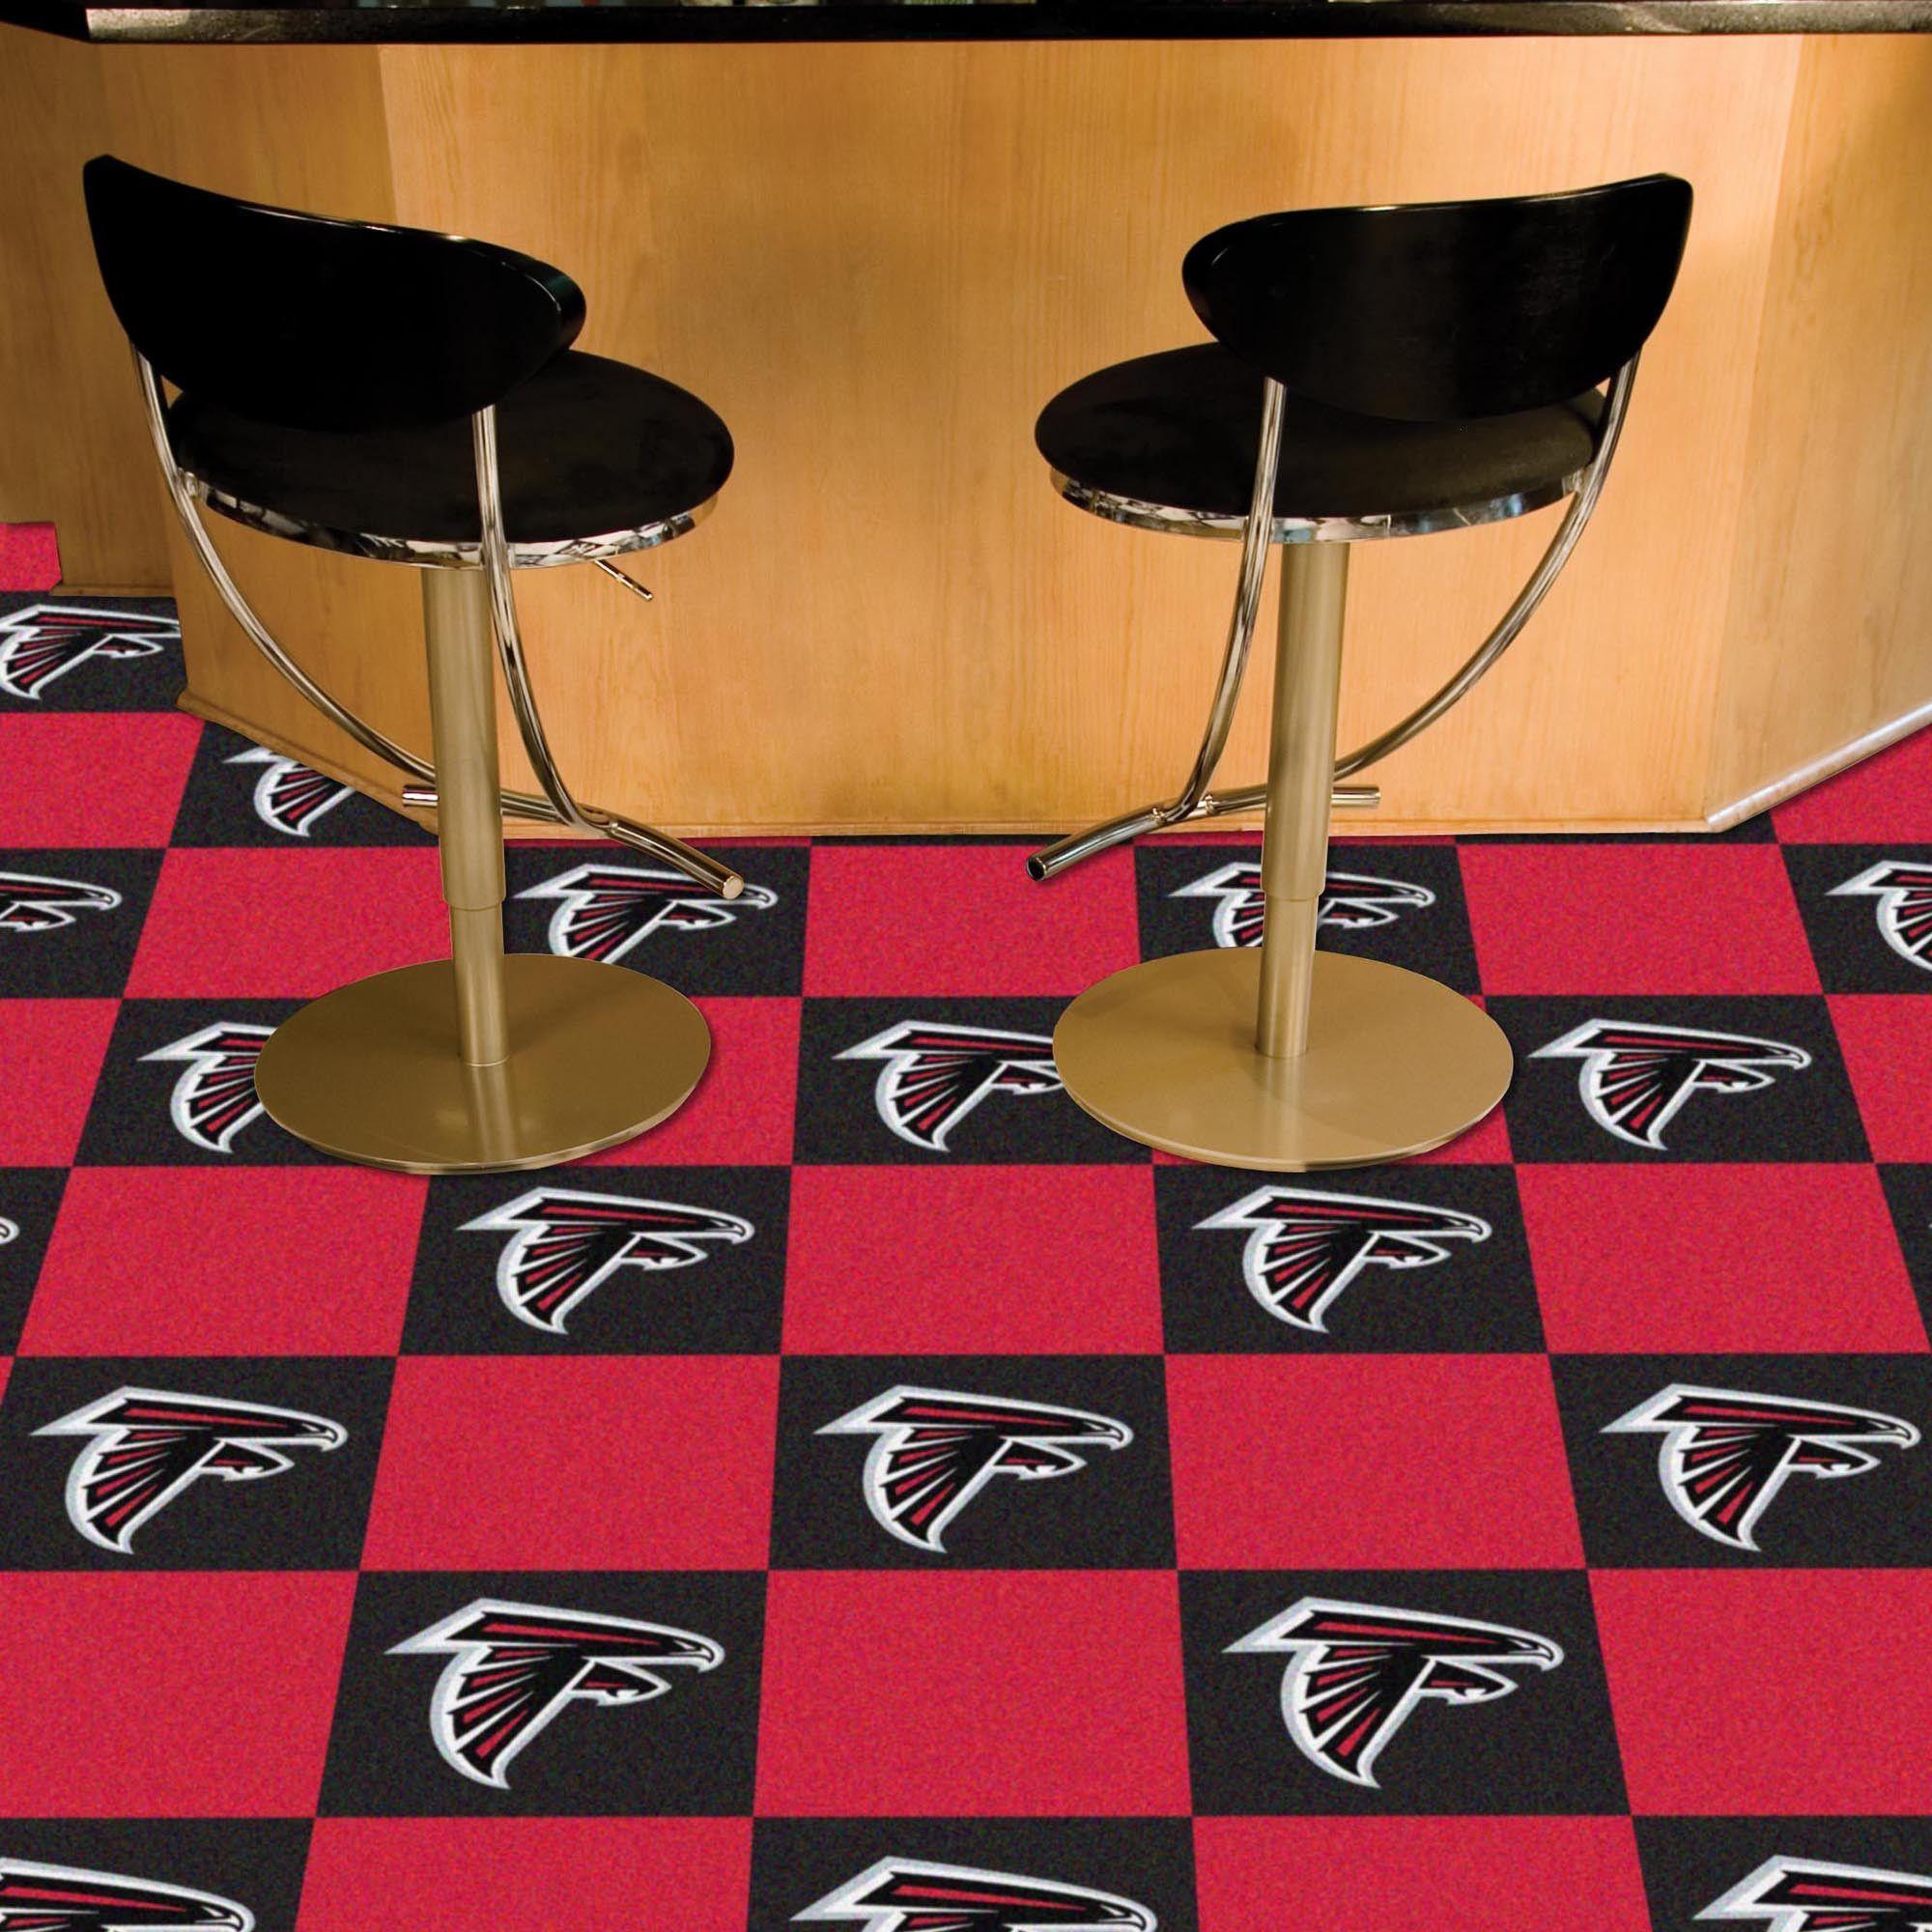 Atlanta Falcons Carpet Tiles 20 Ct Carpet Tiles Carpet Runner Stair Runner Carpet